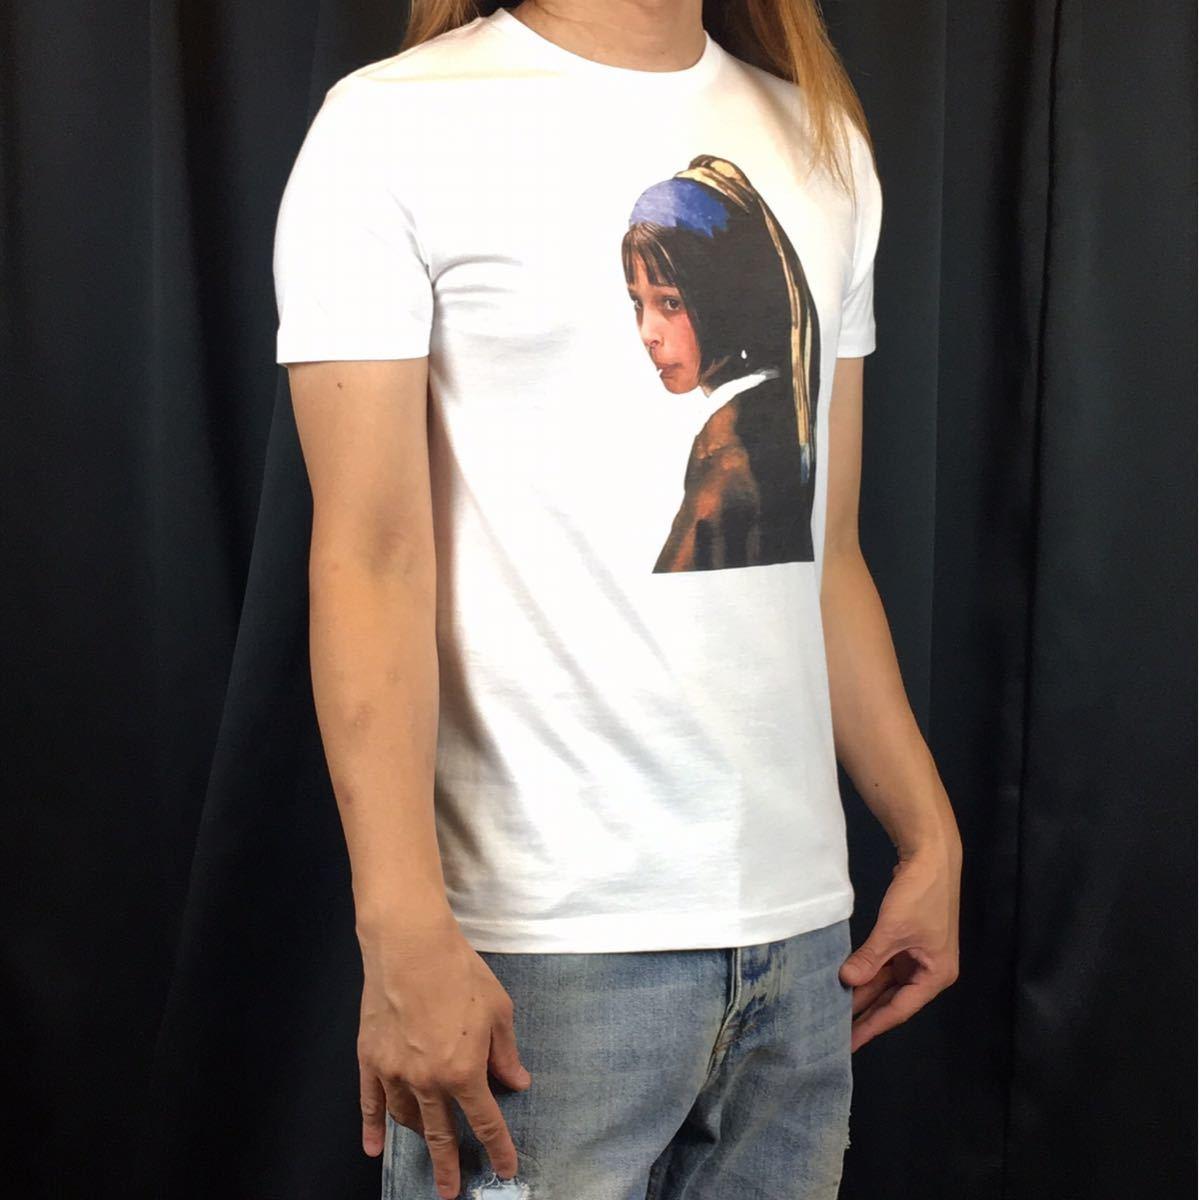 新品 映画 LEON レオン マチルダ フェルメール 真珠の耳飾りの少女 Tシャツ コラージュ デザイン S M L XL ビッグ サイズ XXL~5XL 長袖 OK_画像2